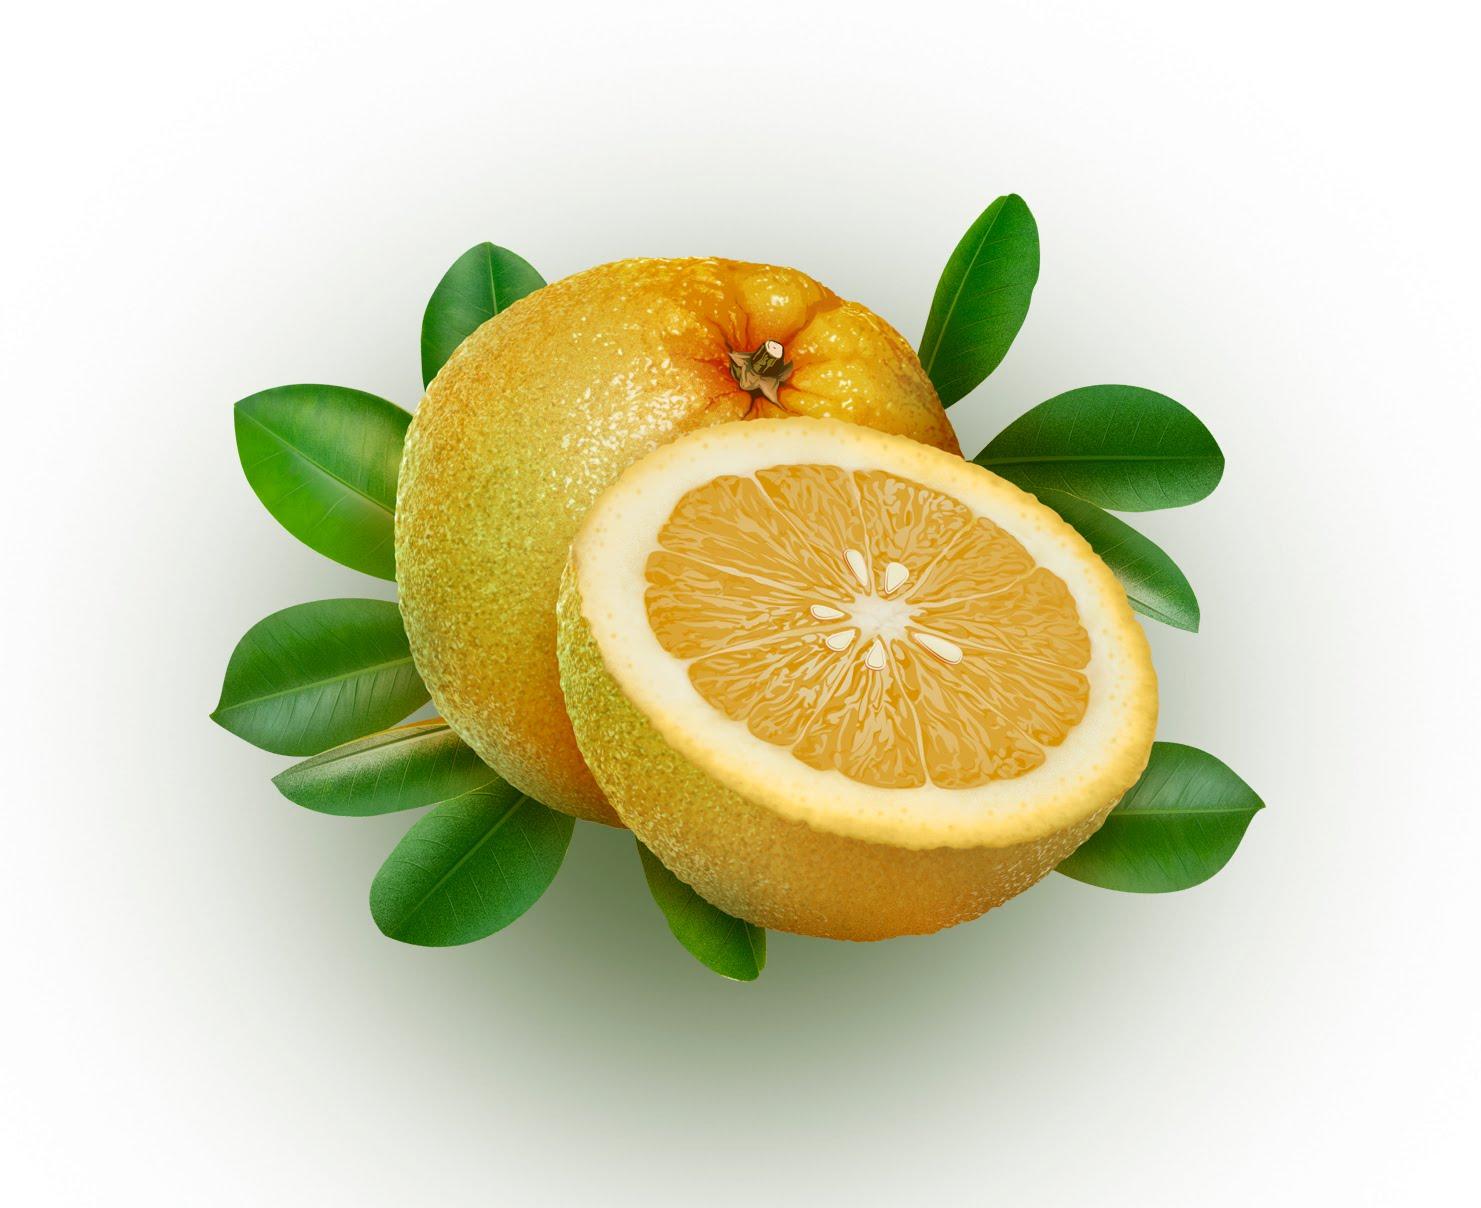 naranja agria